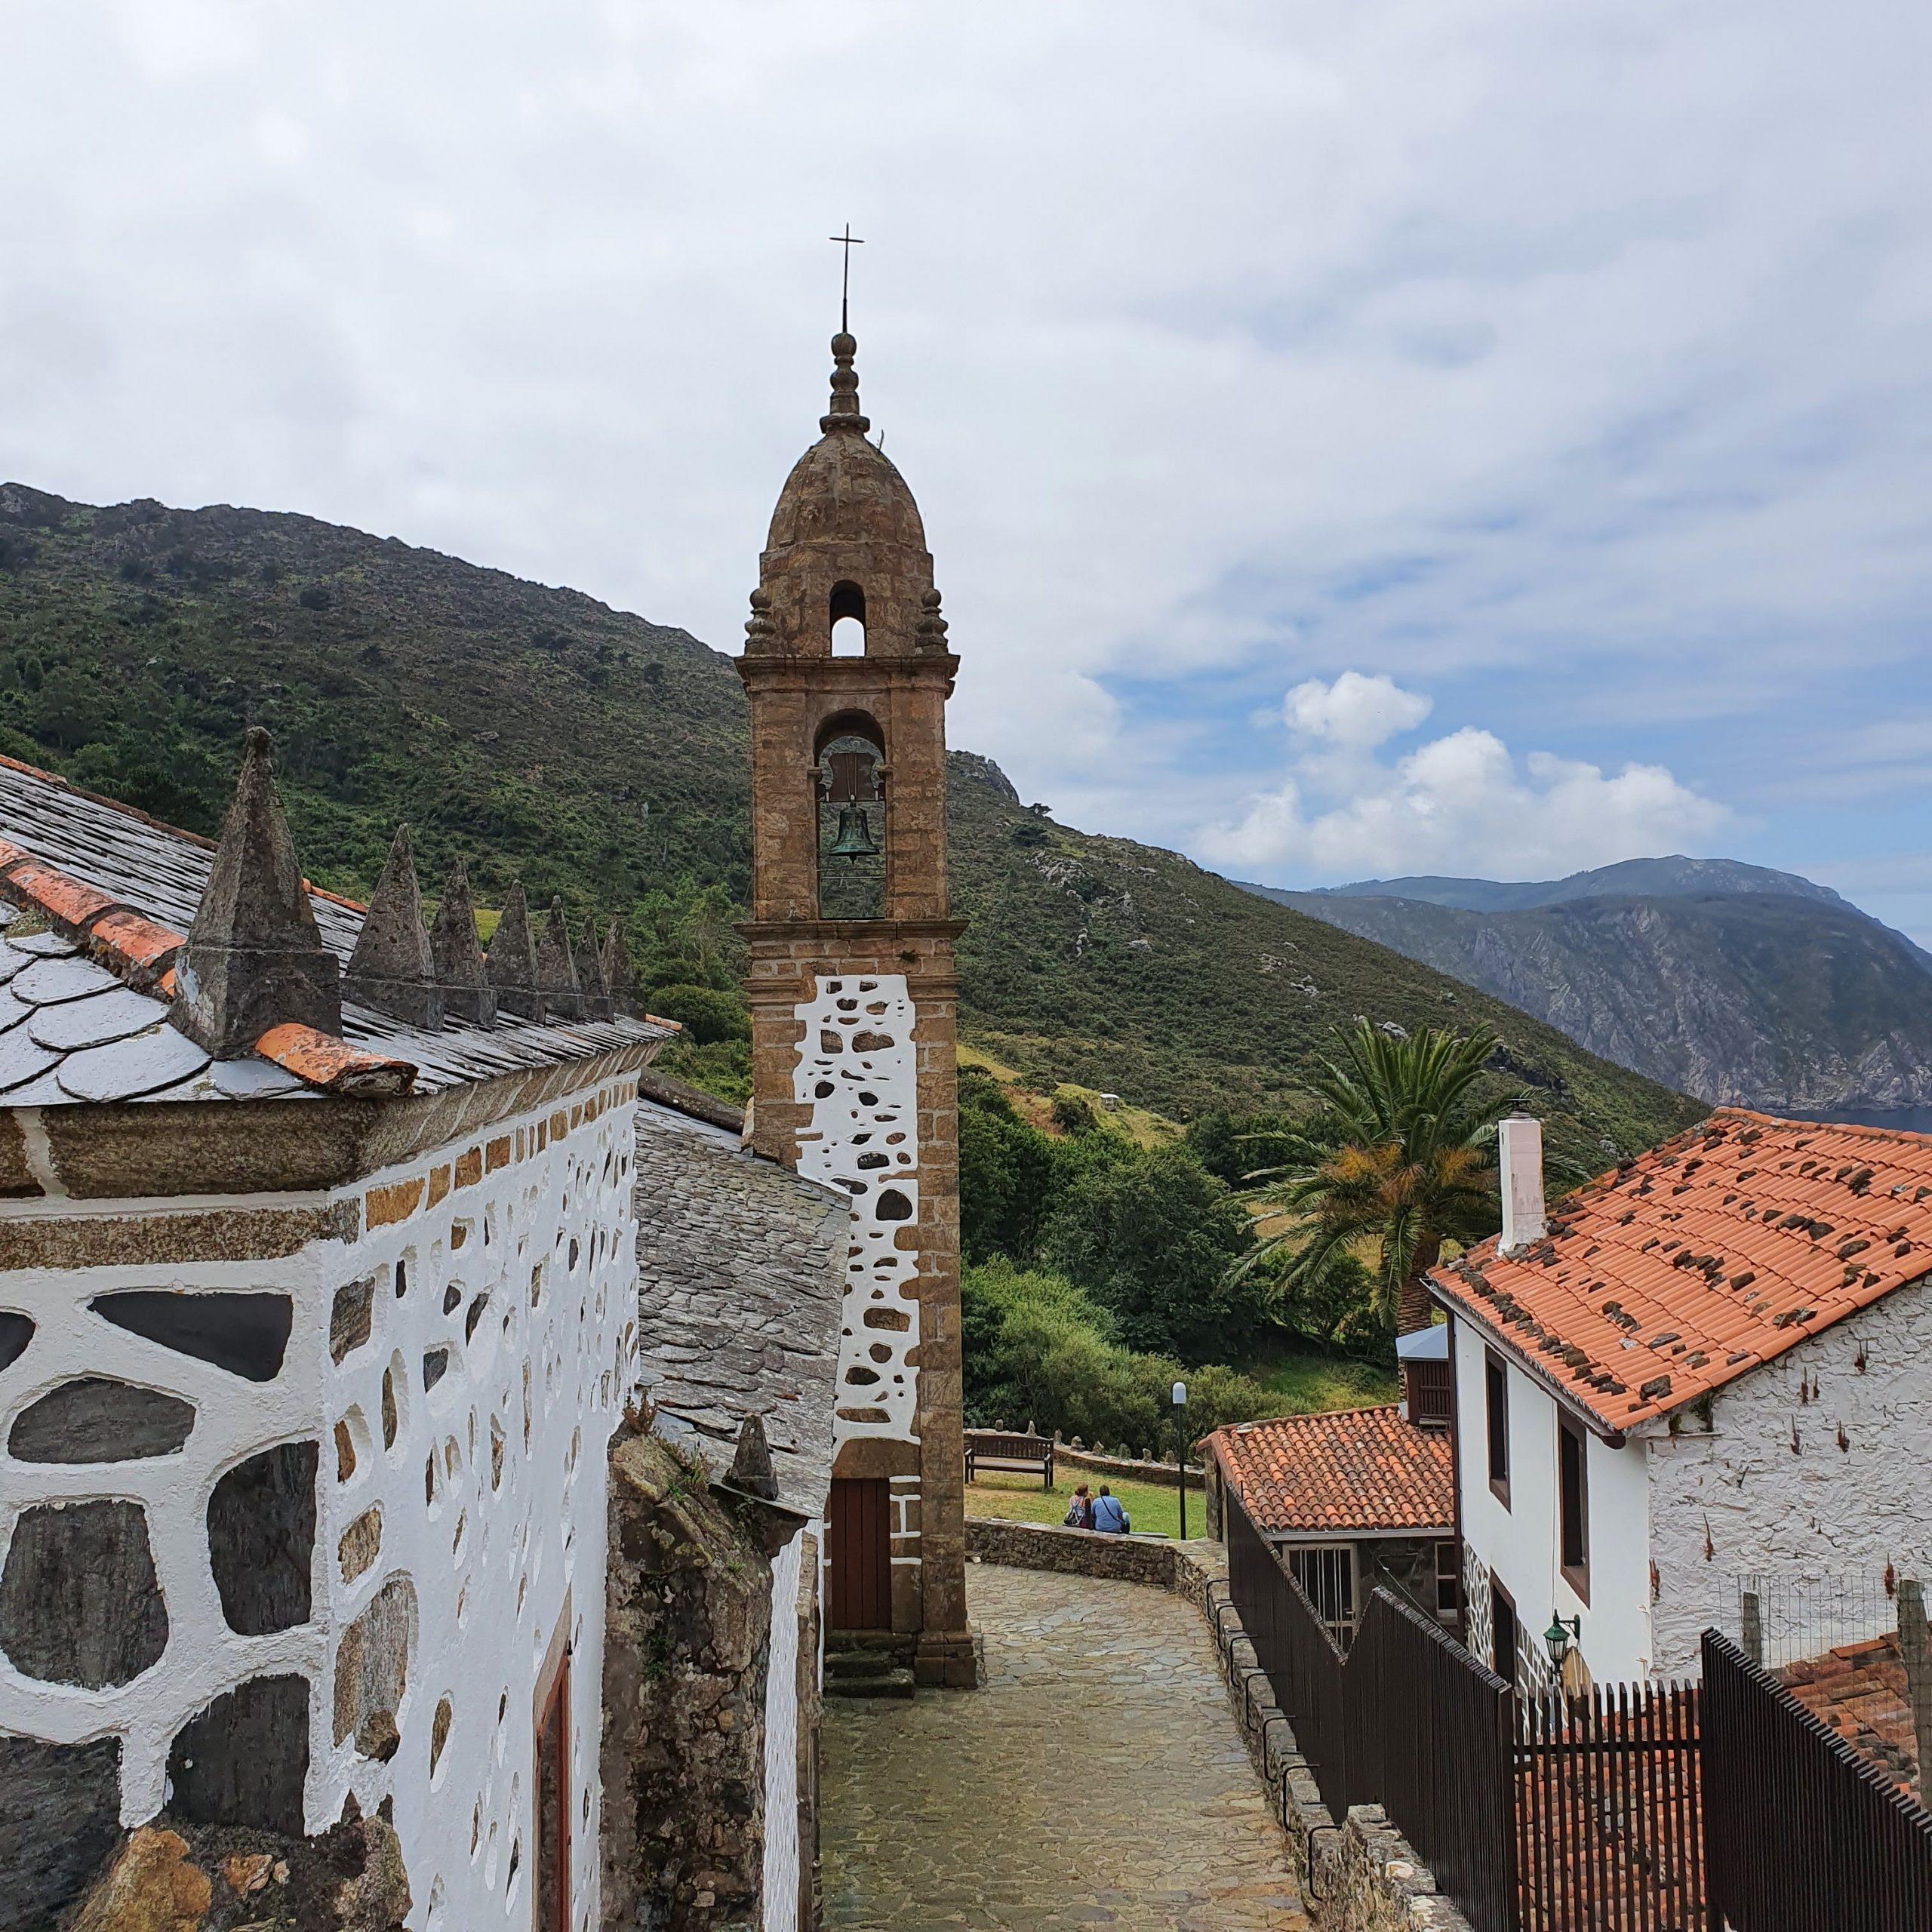 San Andrés de Teixdó